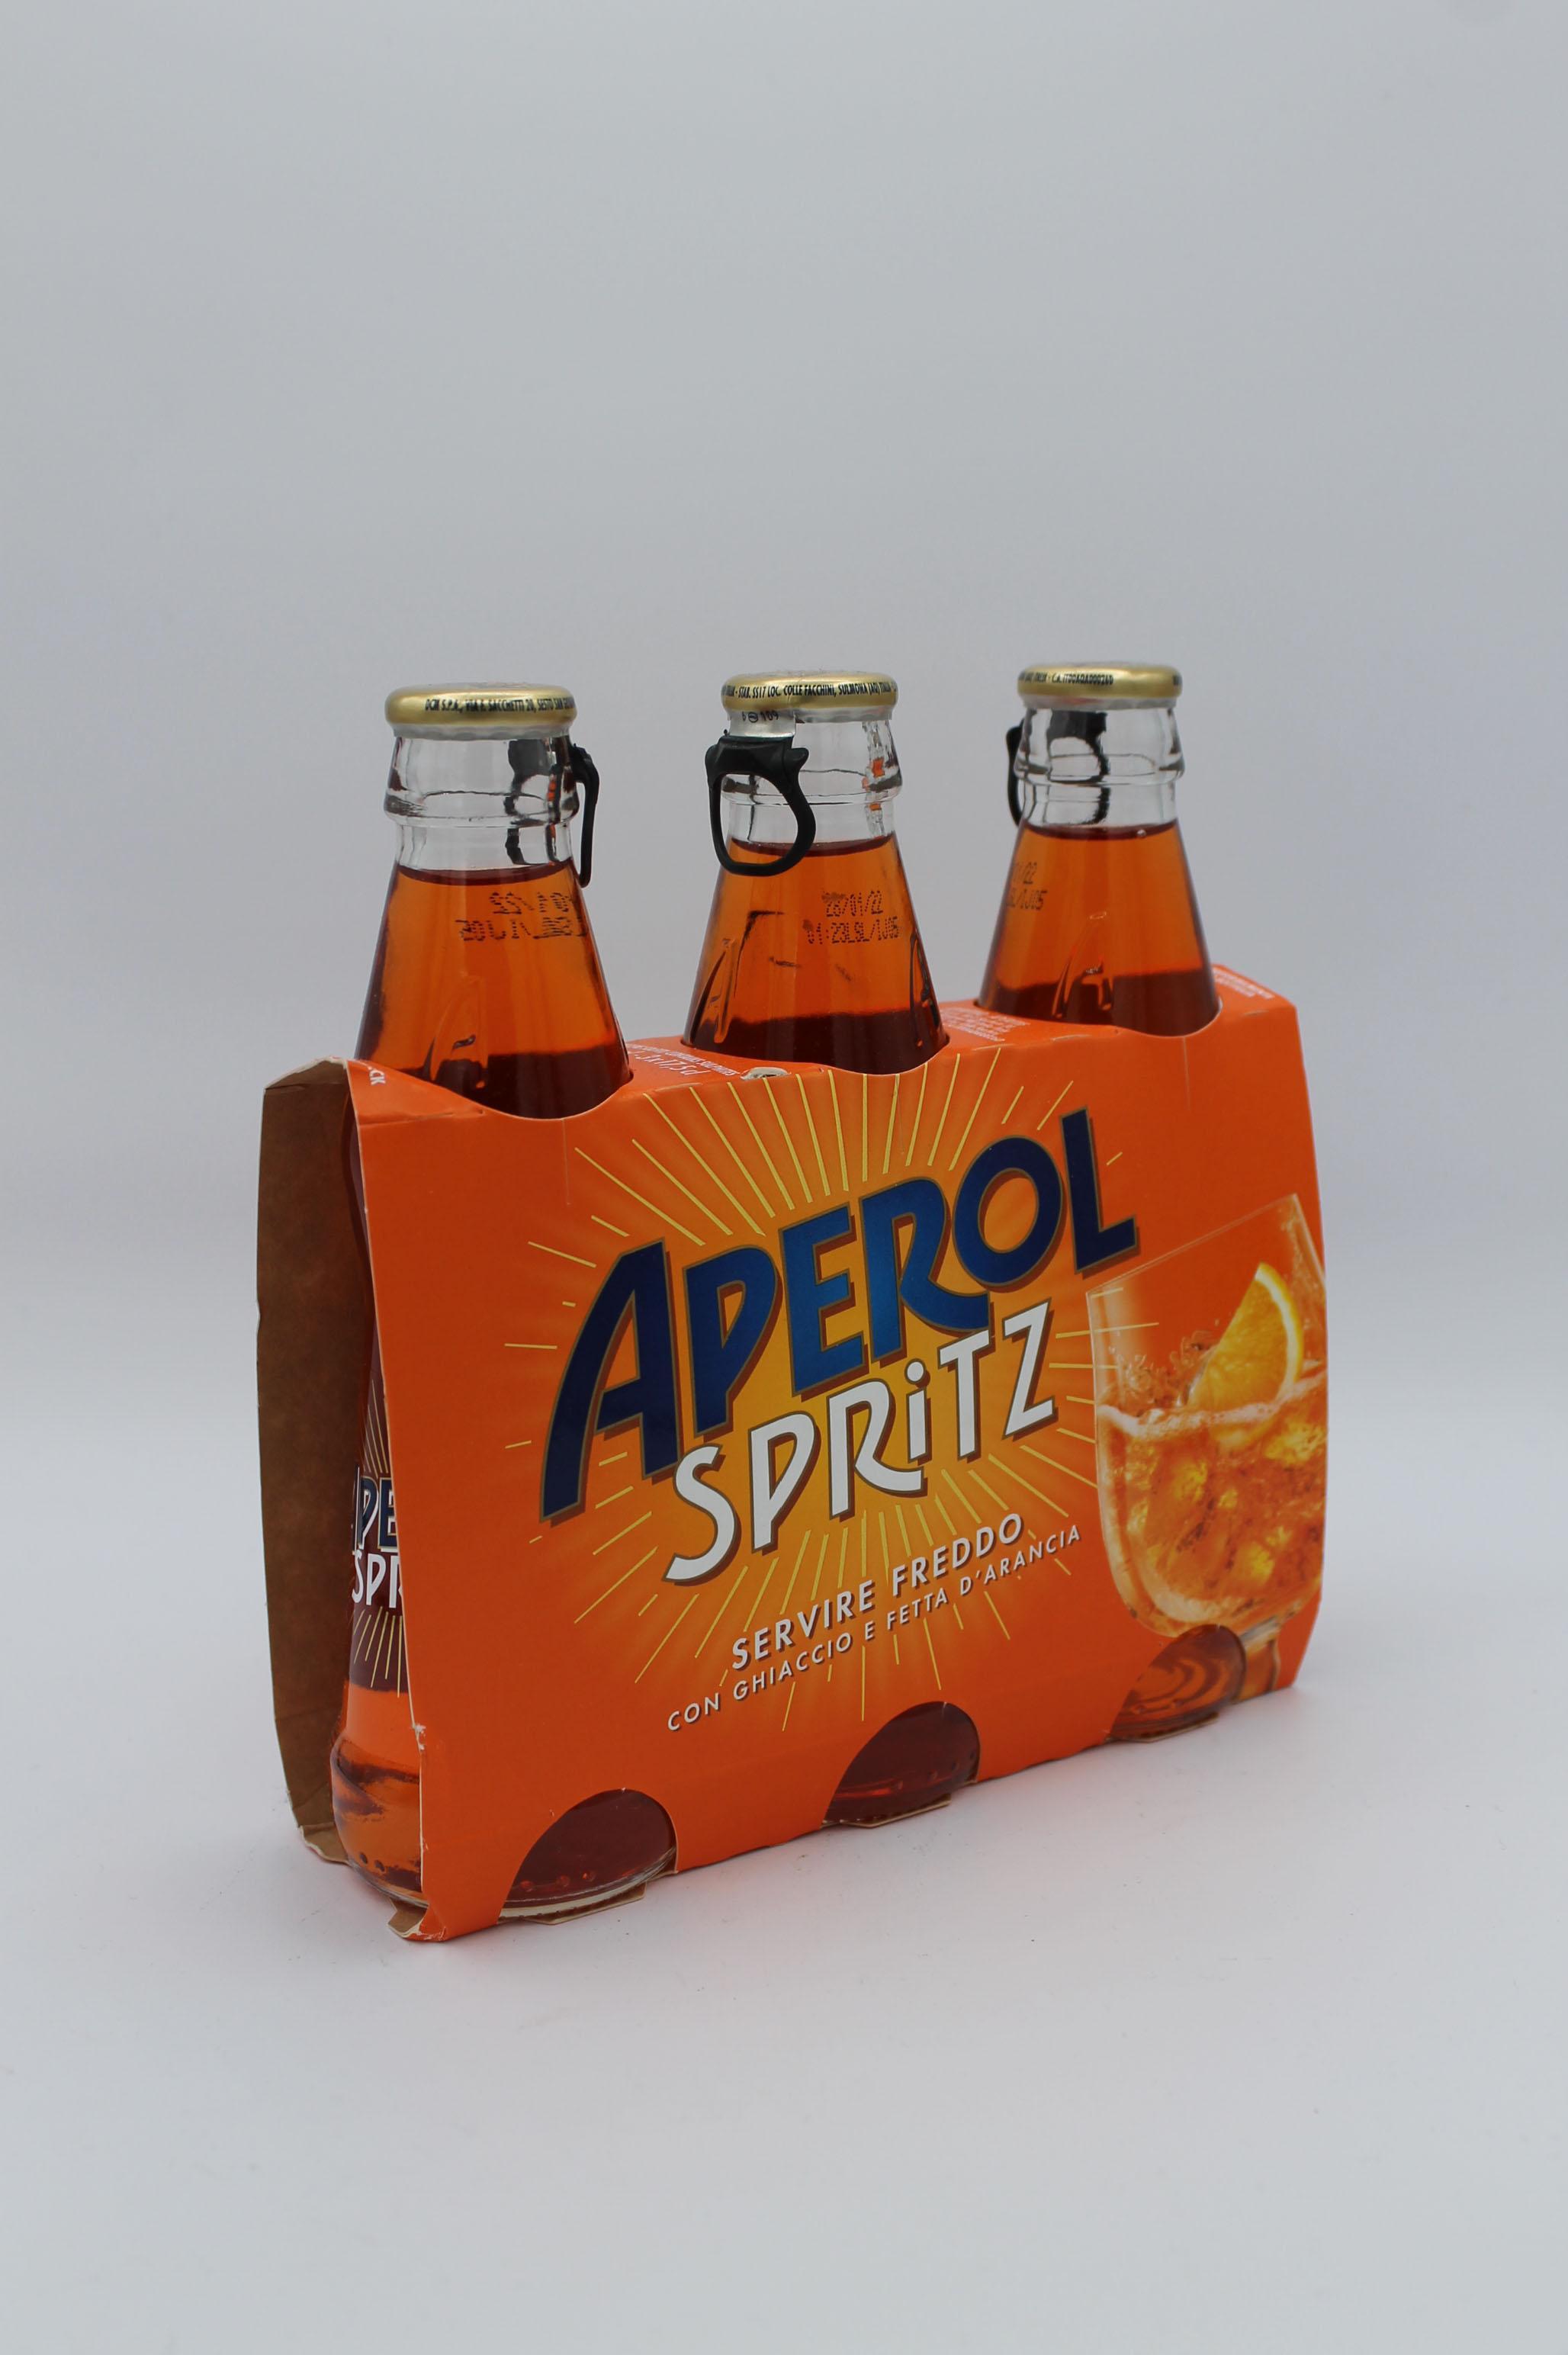 Aperol spritz bottiglie 3x175ml.